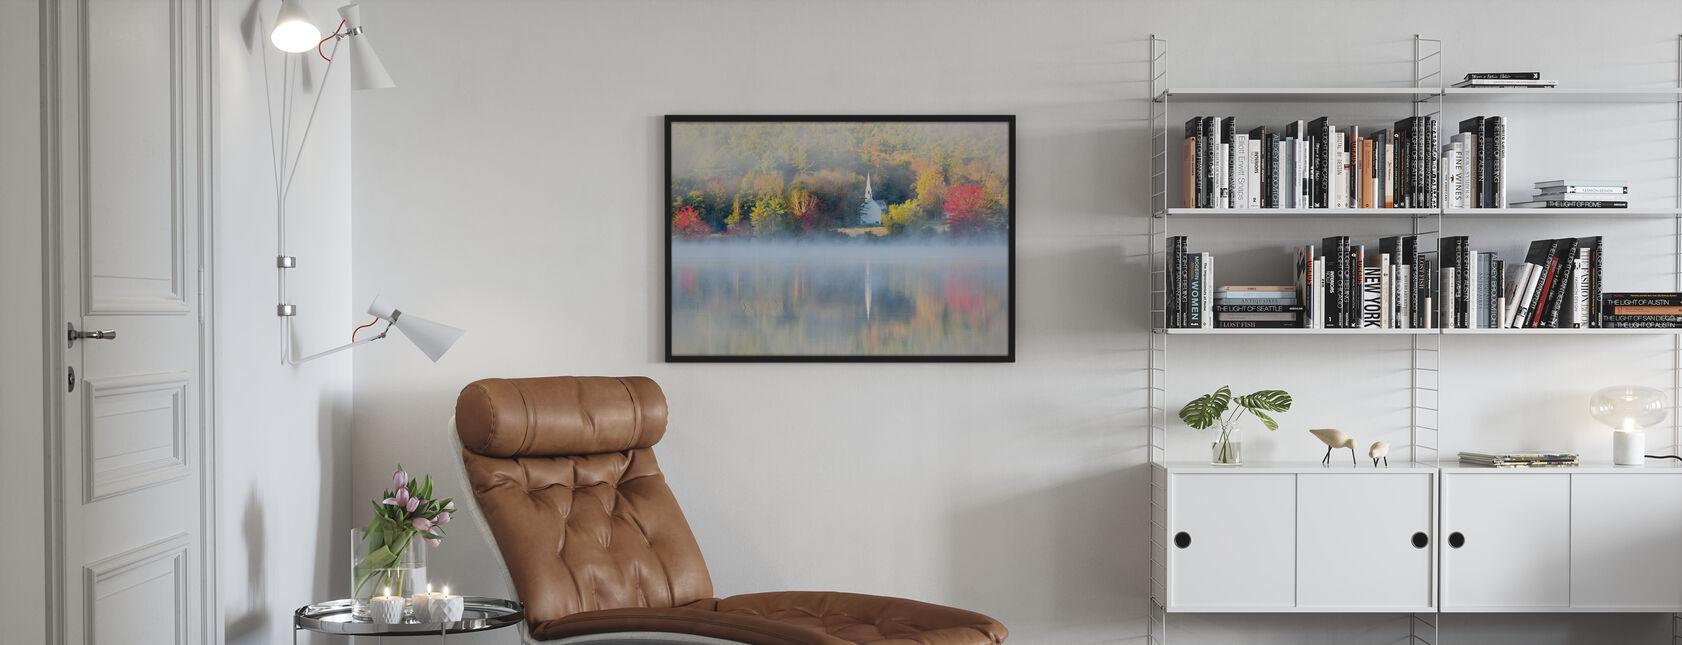 Lilla kyrkan av dimma - Poster - Vardagsrum